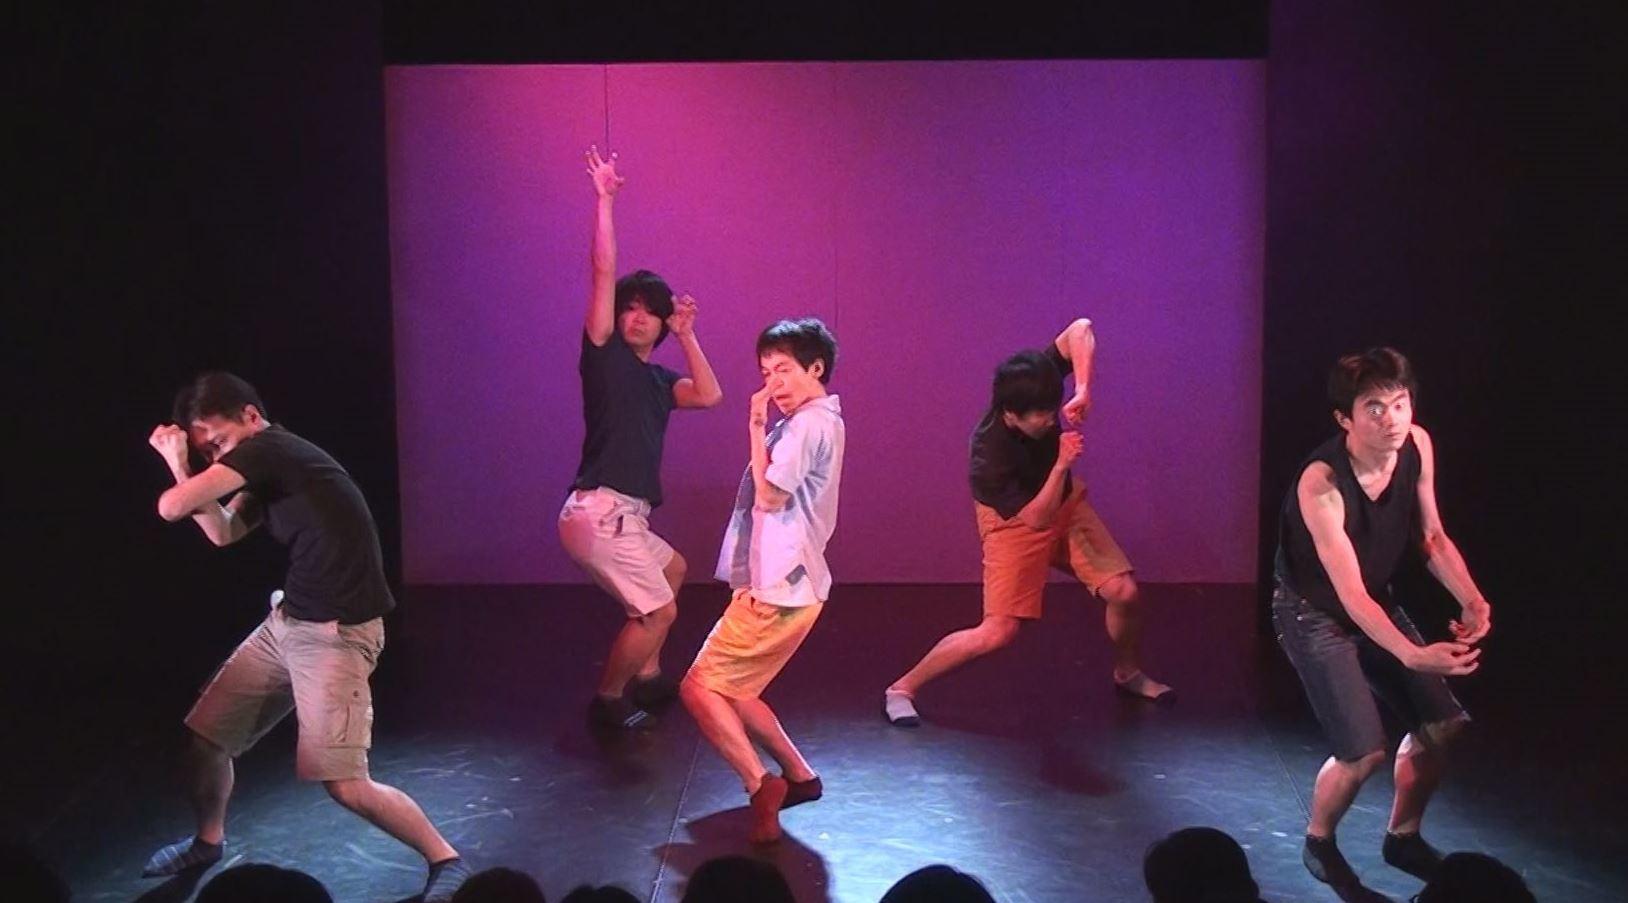 「ハイタウン2014」より。上:田中遊作・上田誠演出『象の鼻はなぜ長い?』 下:きたまり作・演出『自嘲コメディ』